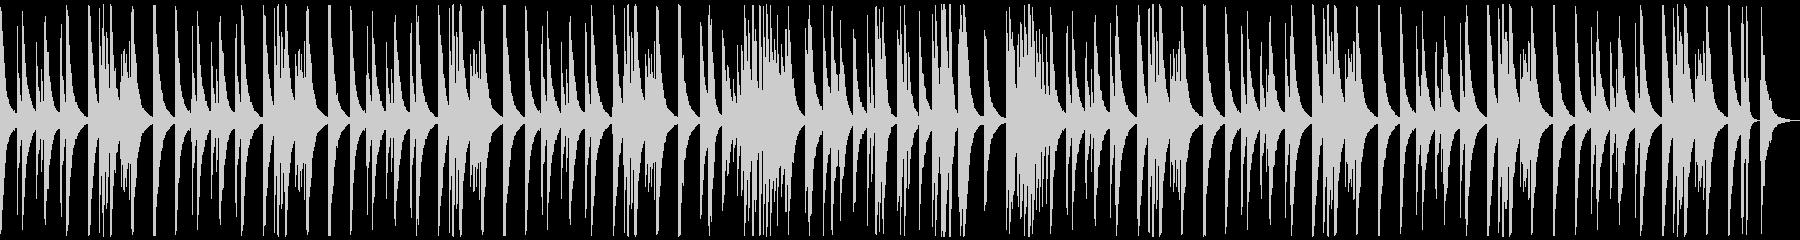 (ドラム、ベース抜き)ピアノ旋律の未再生の波形